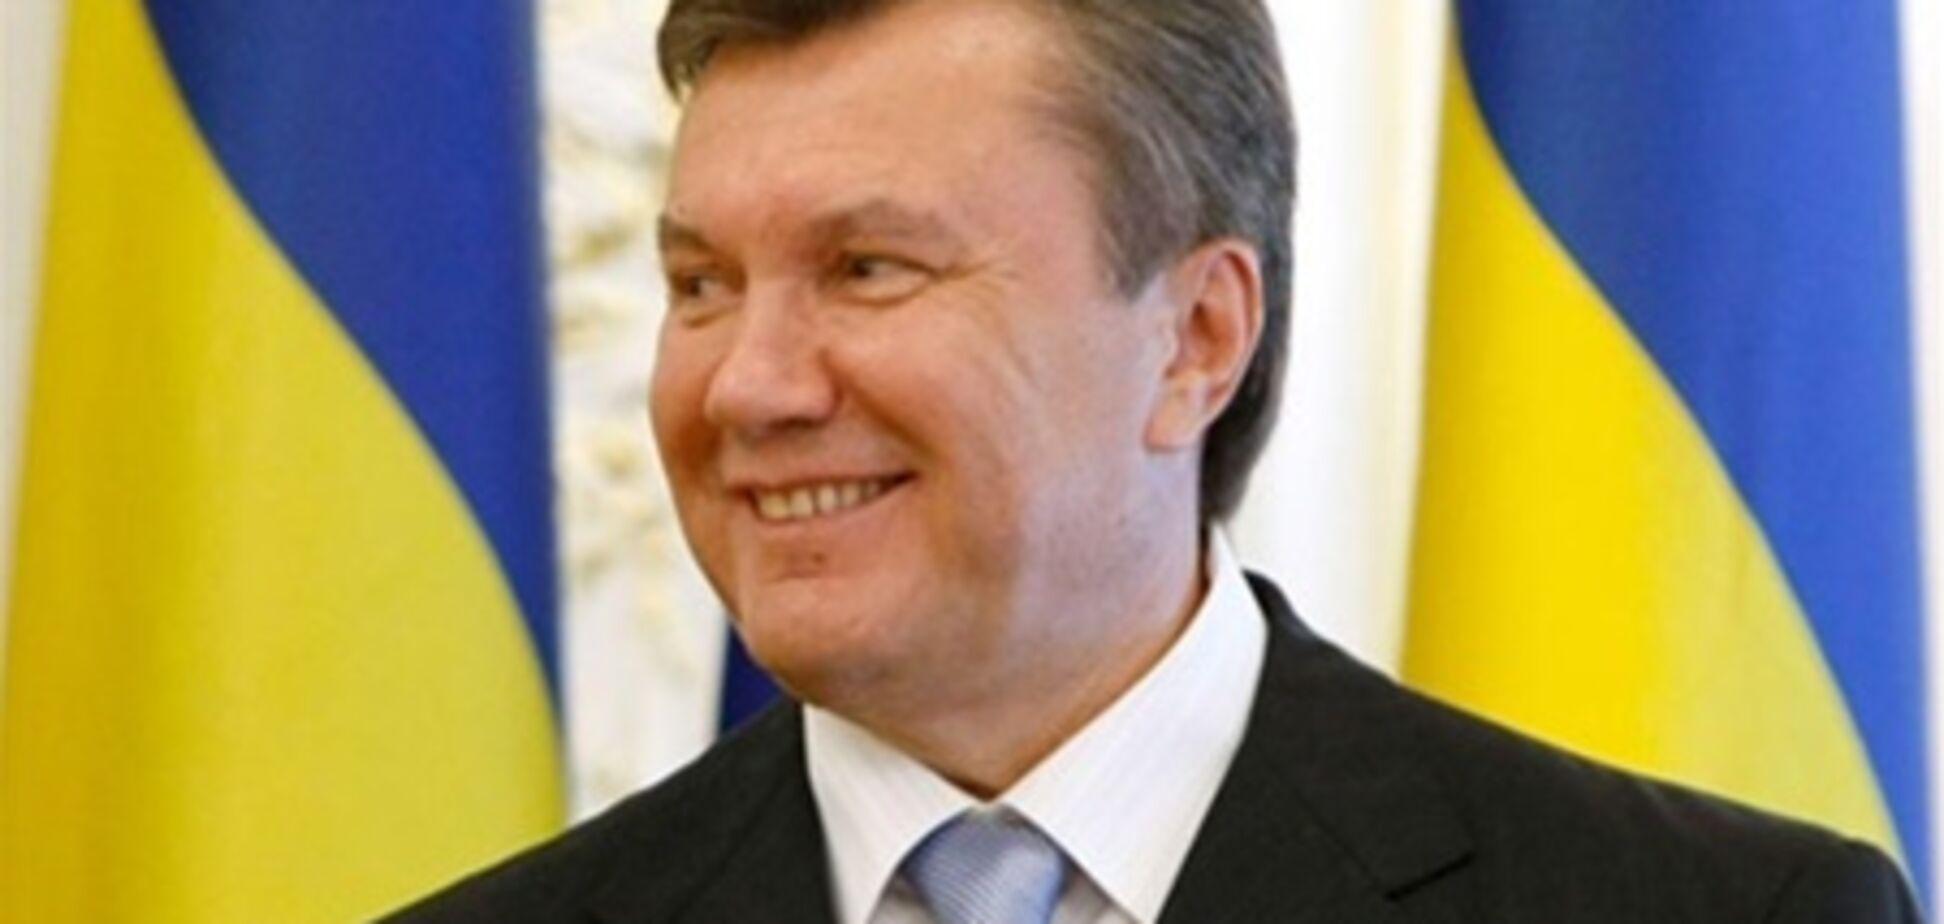 Сегодня Янукович расскажет о реформах 2011 года